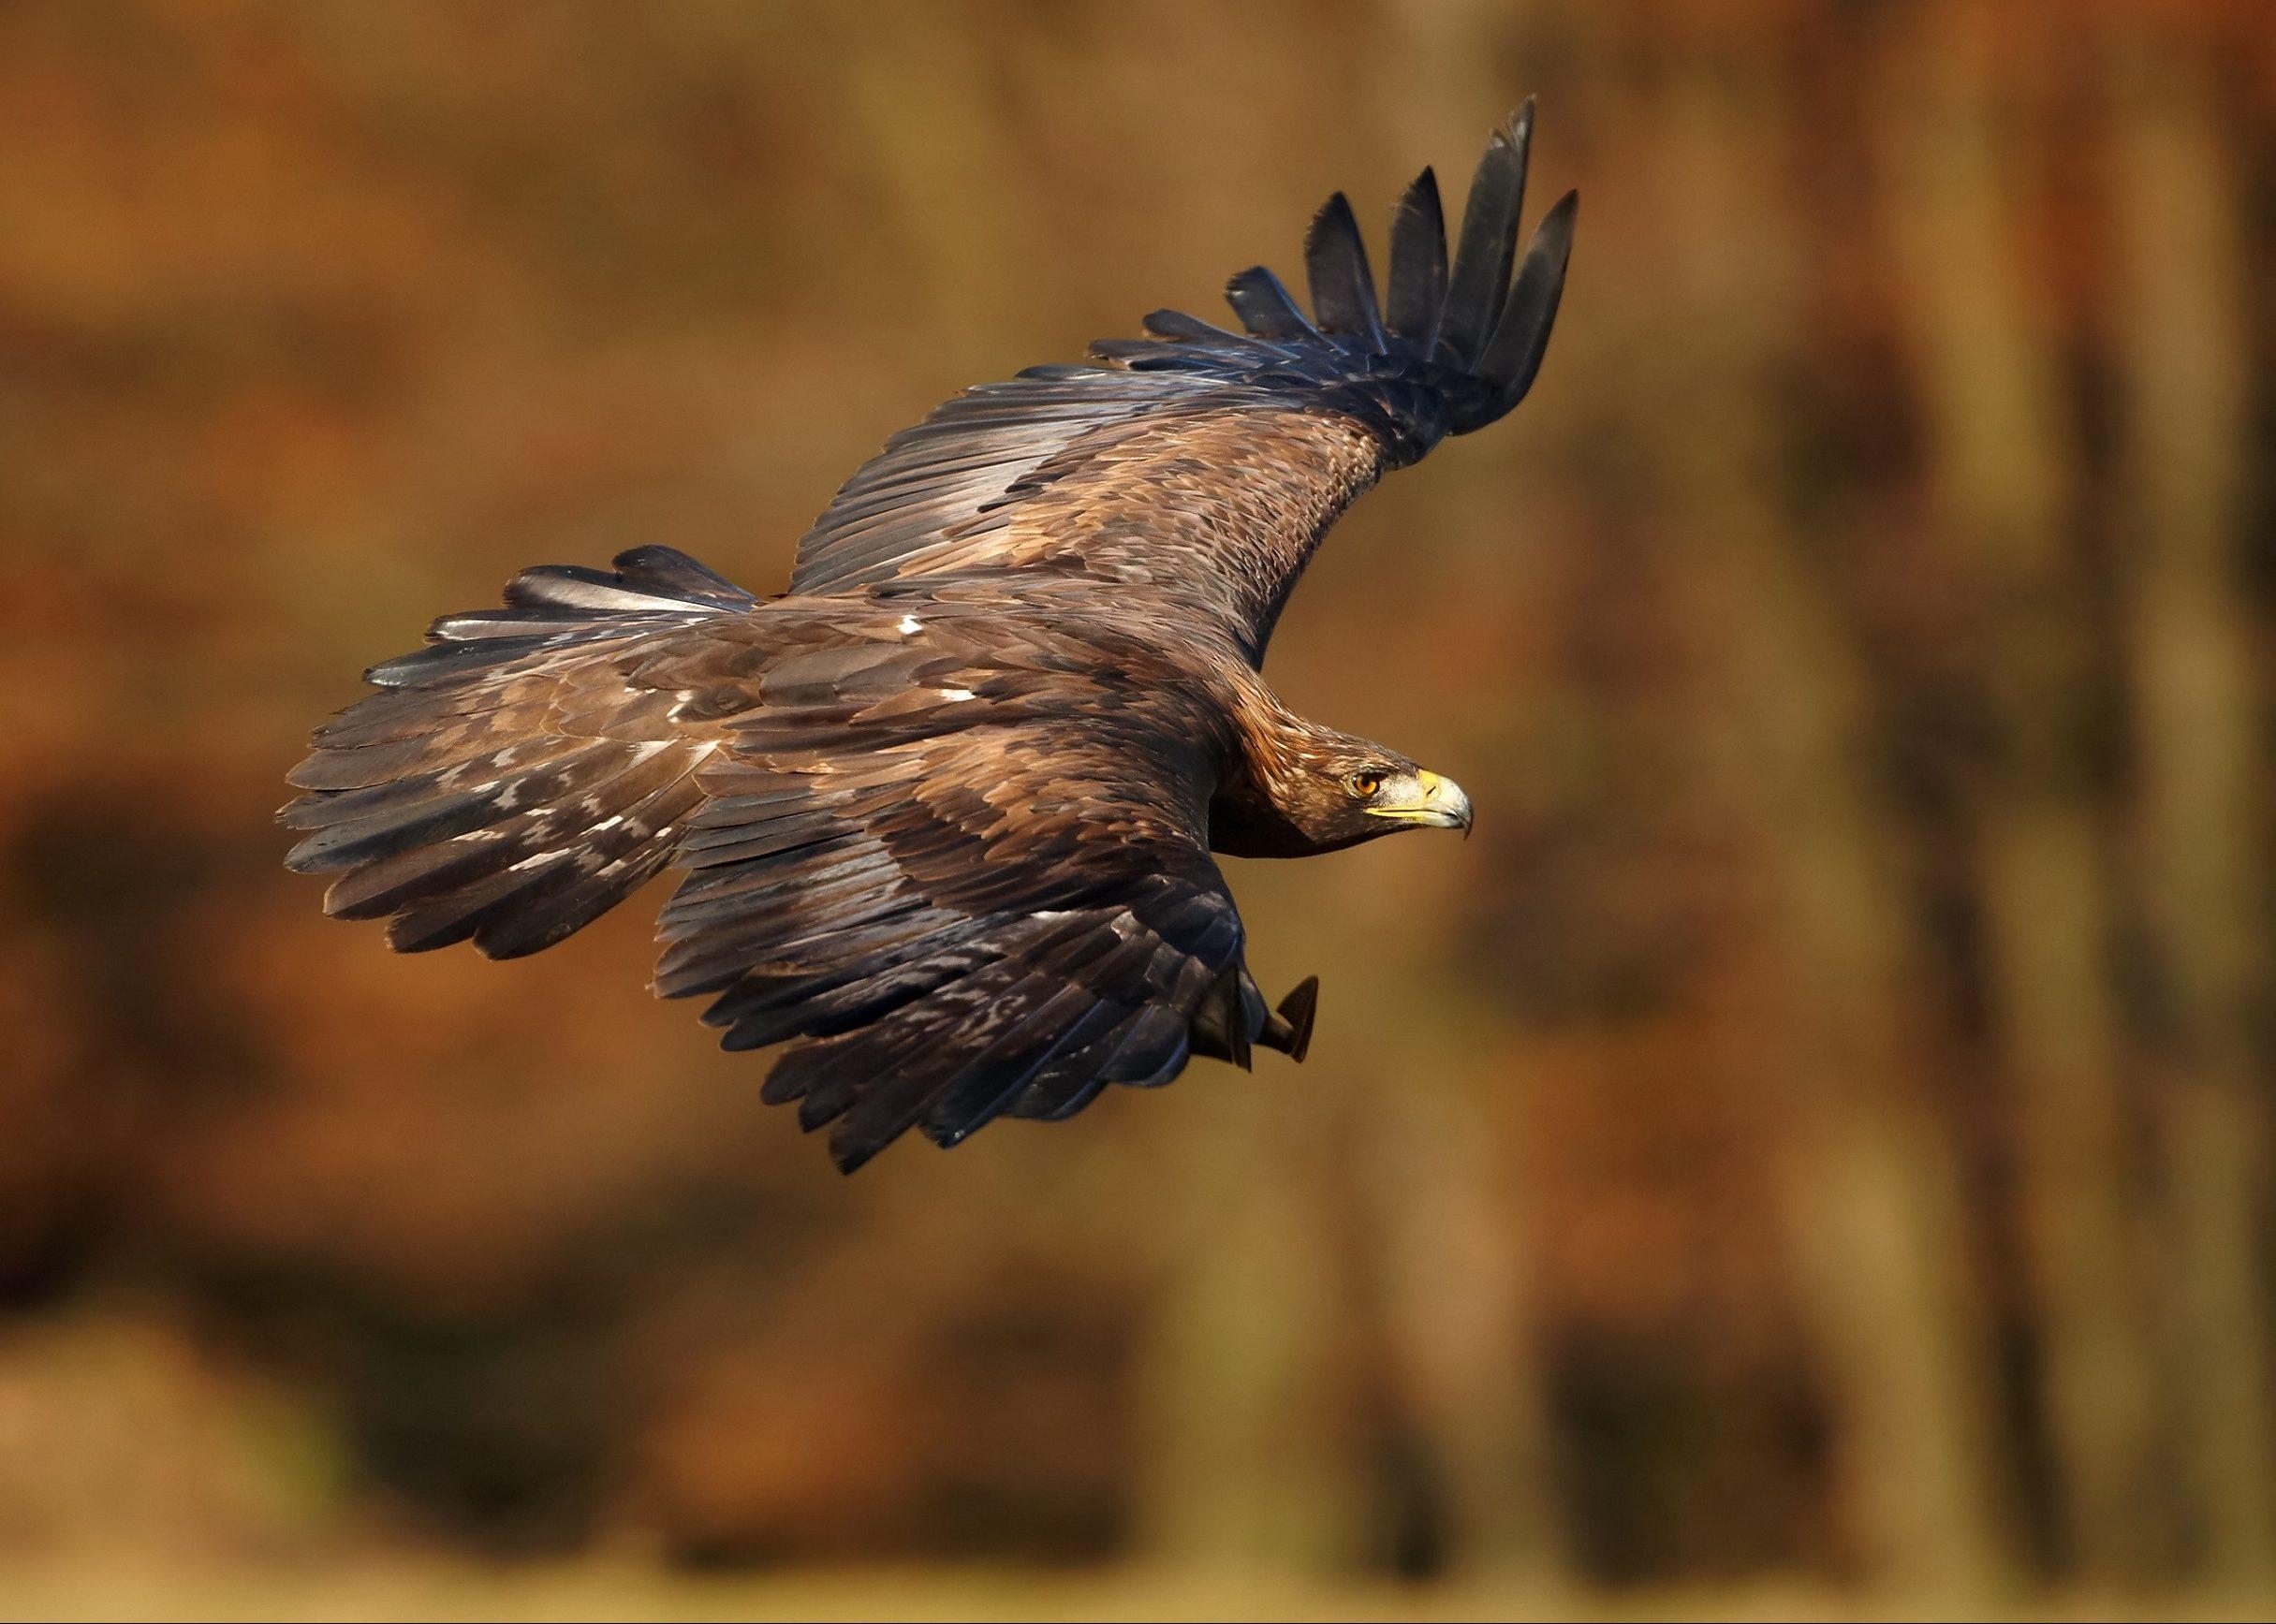 A Golden eagle.